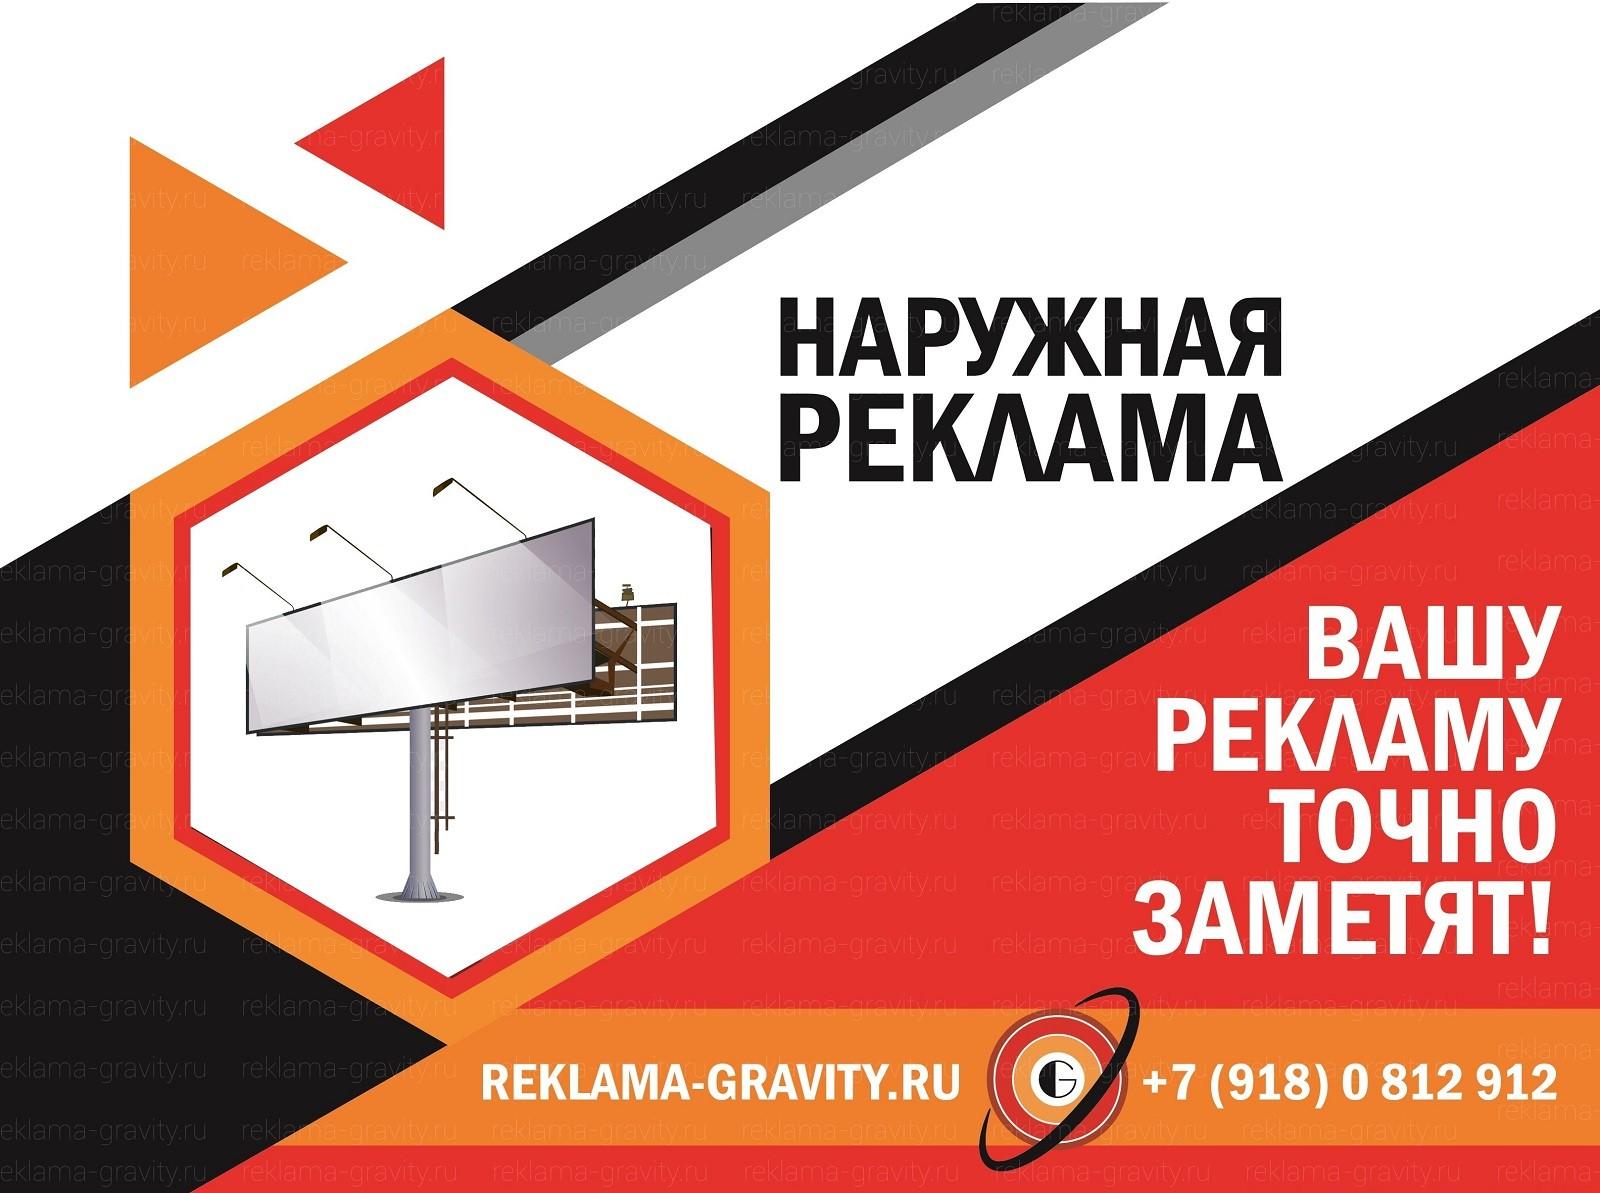 Наружная реклама в Краснодаре по выгодной цене – лучшее средство для продвижения товаров и услуг